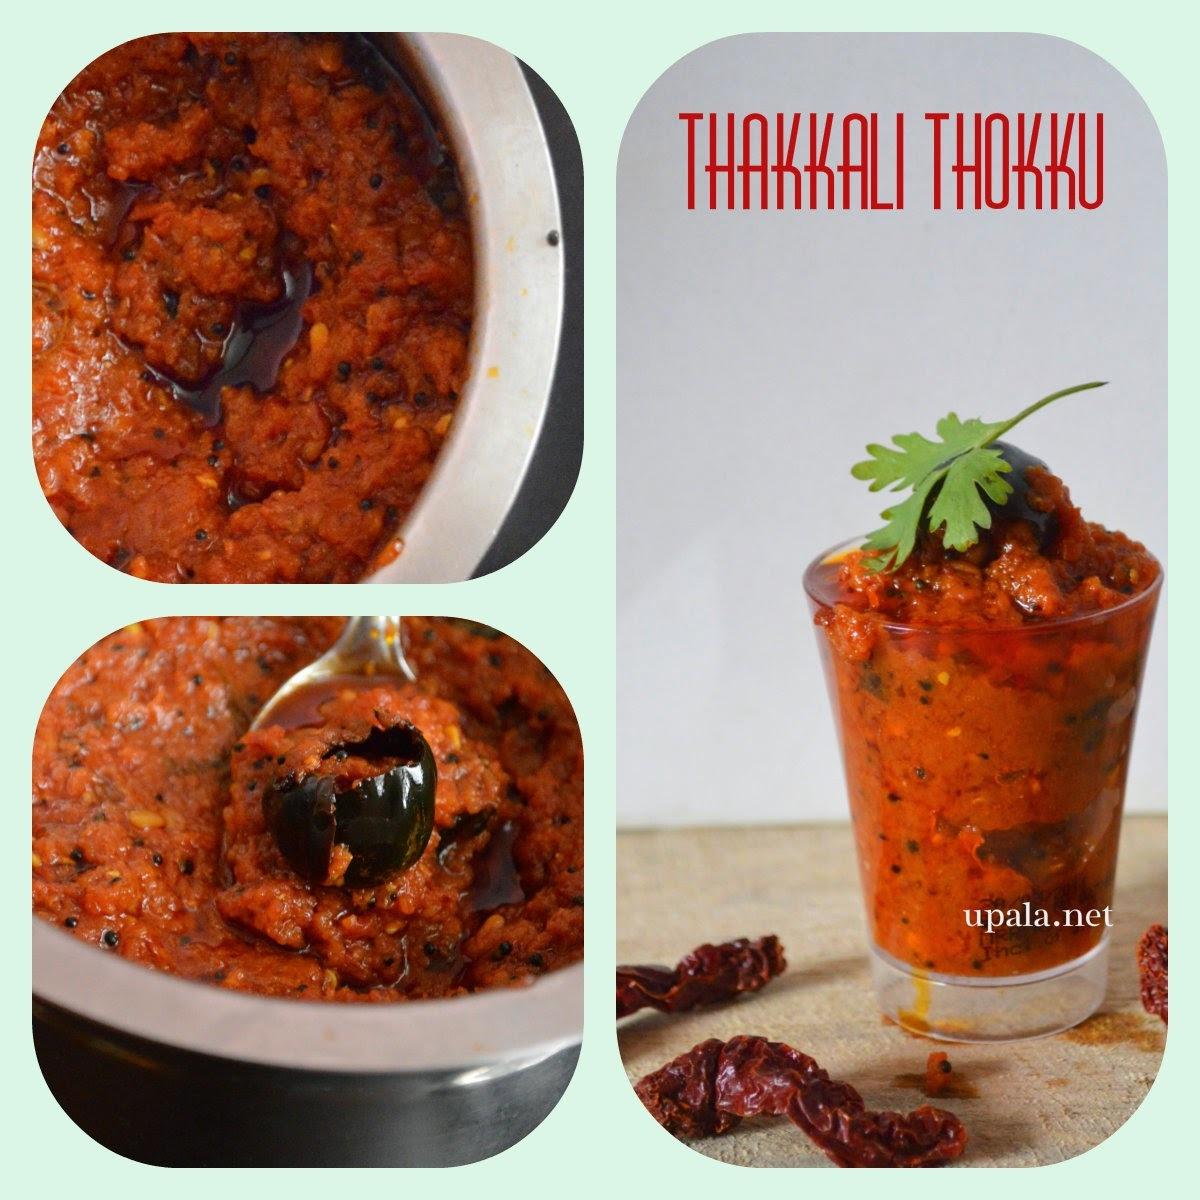 Tomato thokku/ Thakkali thokku